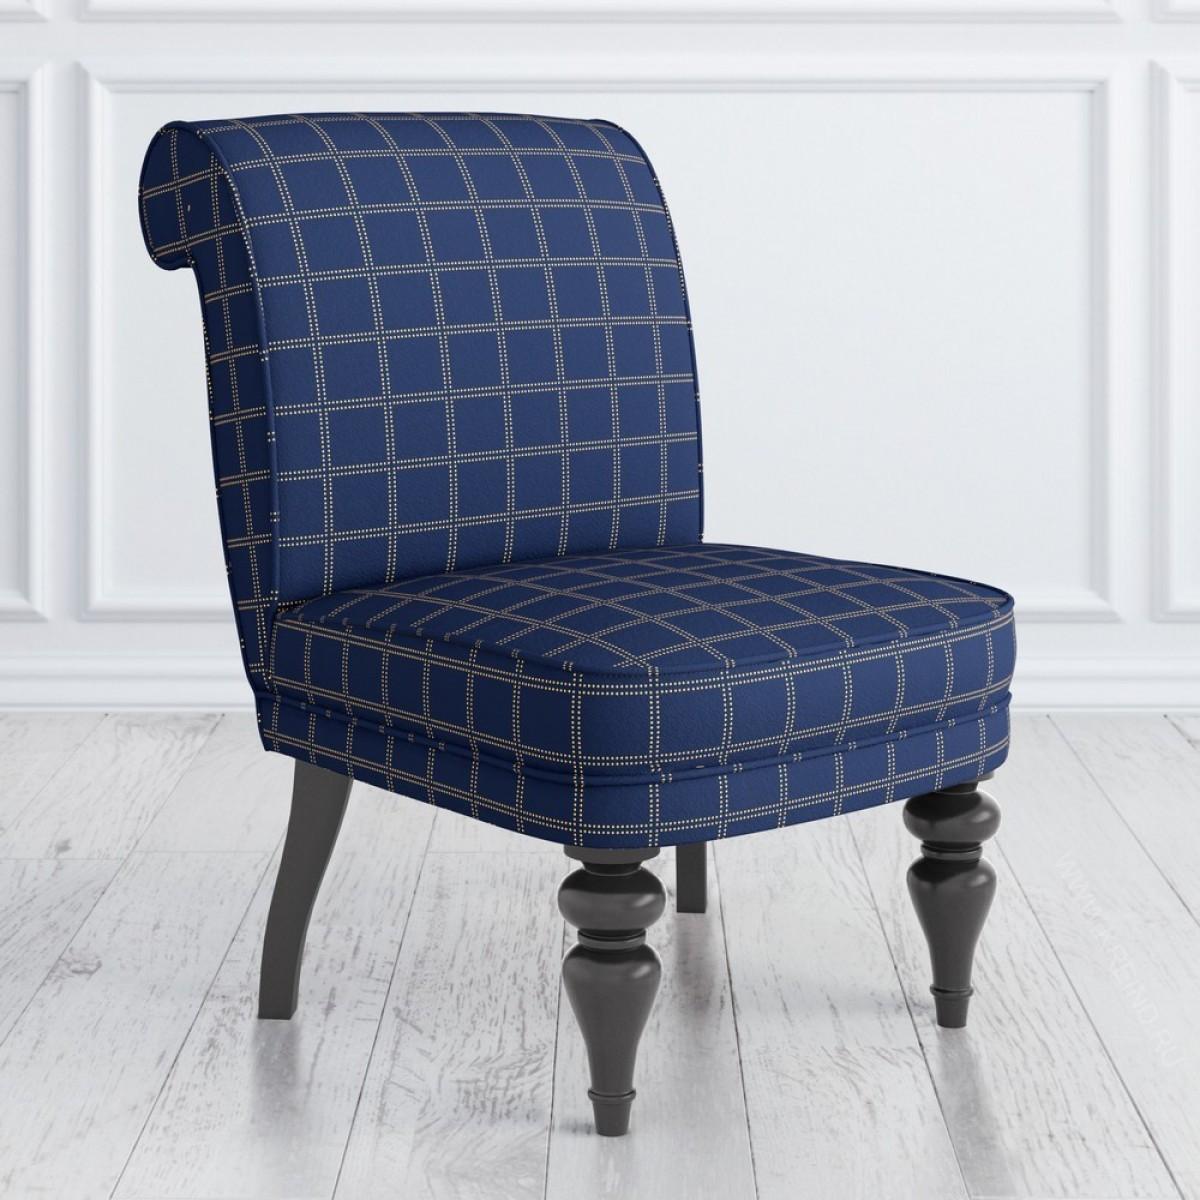 Кресло Kreind синяя клетка 55x72x83 см мебель для домашнего кабинета